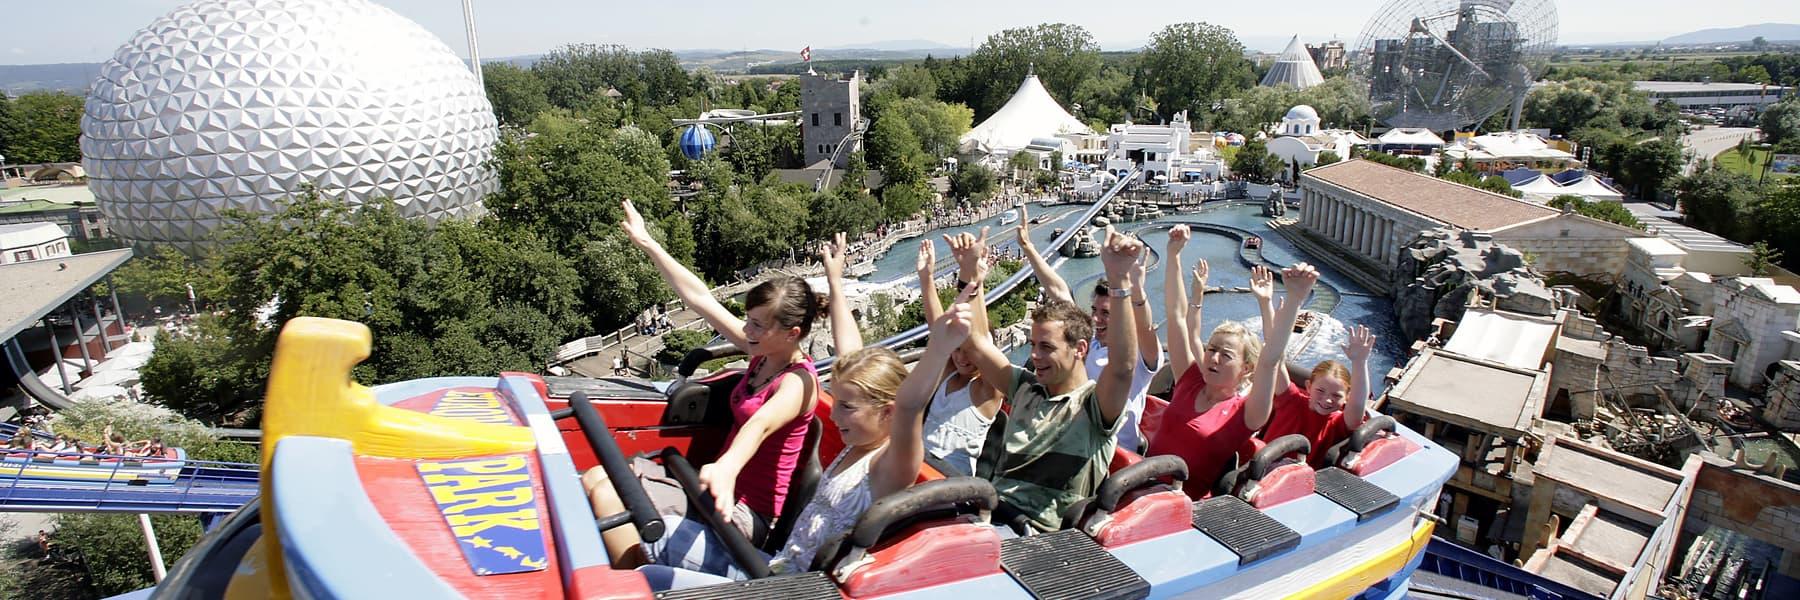 Europa park jeunes ou ados de 12 17 ans allemagne for Sejour europa park